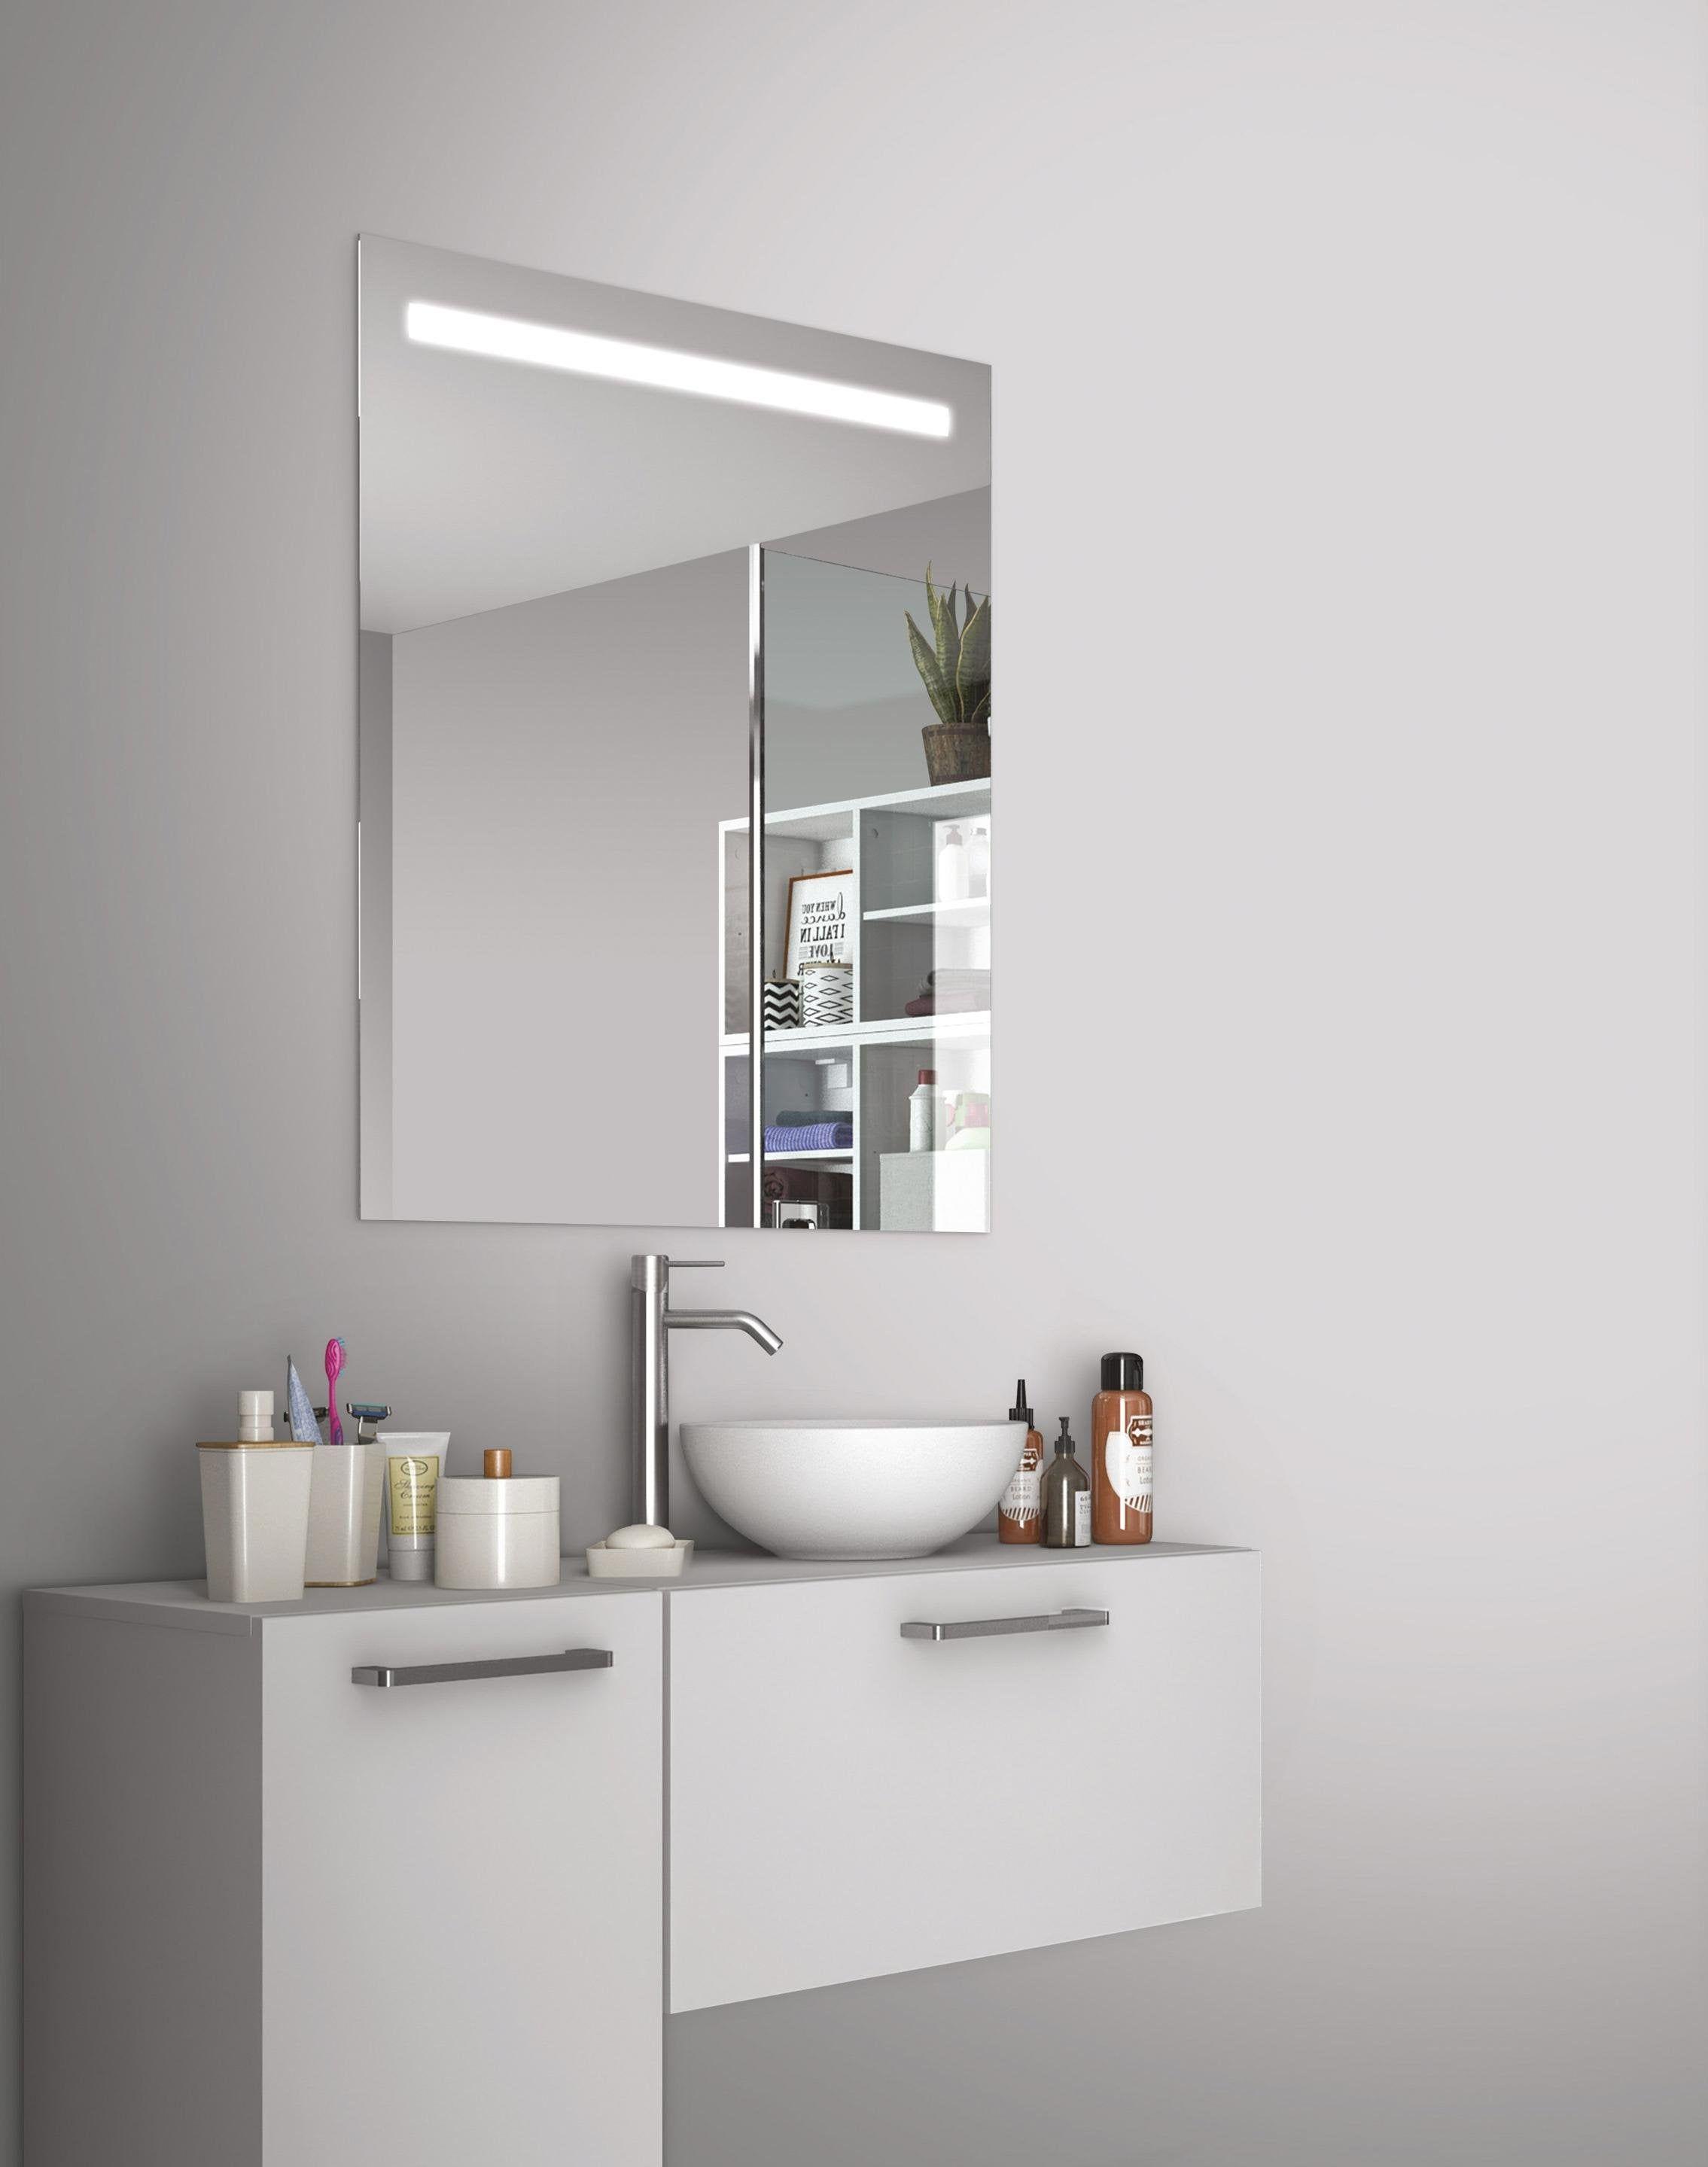 Miroir Lumineux Avec Eclairage Integre L 80 X H 70 Cm Essential Sensea En 2020 Miroir Lumineux Salle De Bains Avec Wc Et Miroir